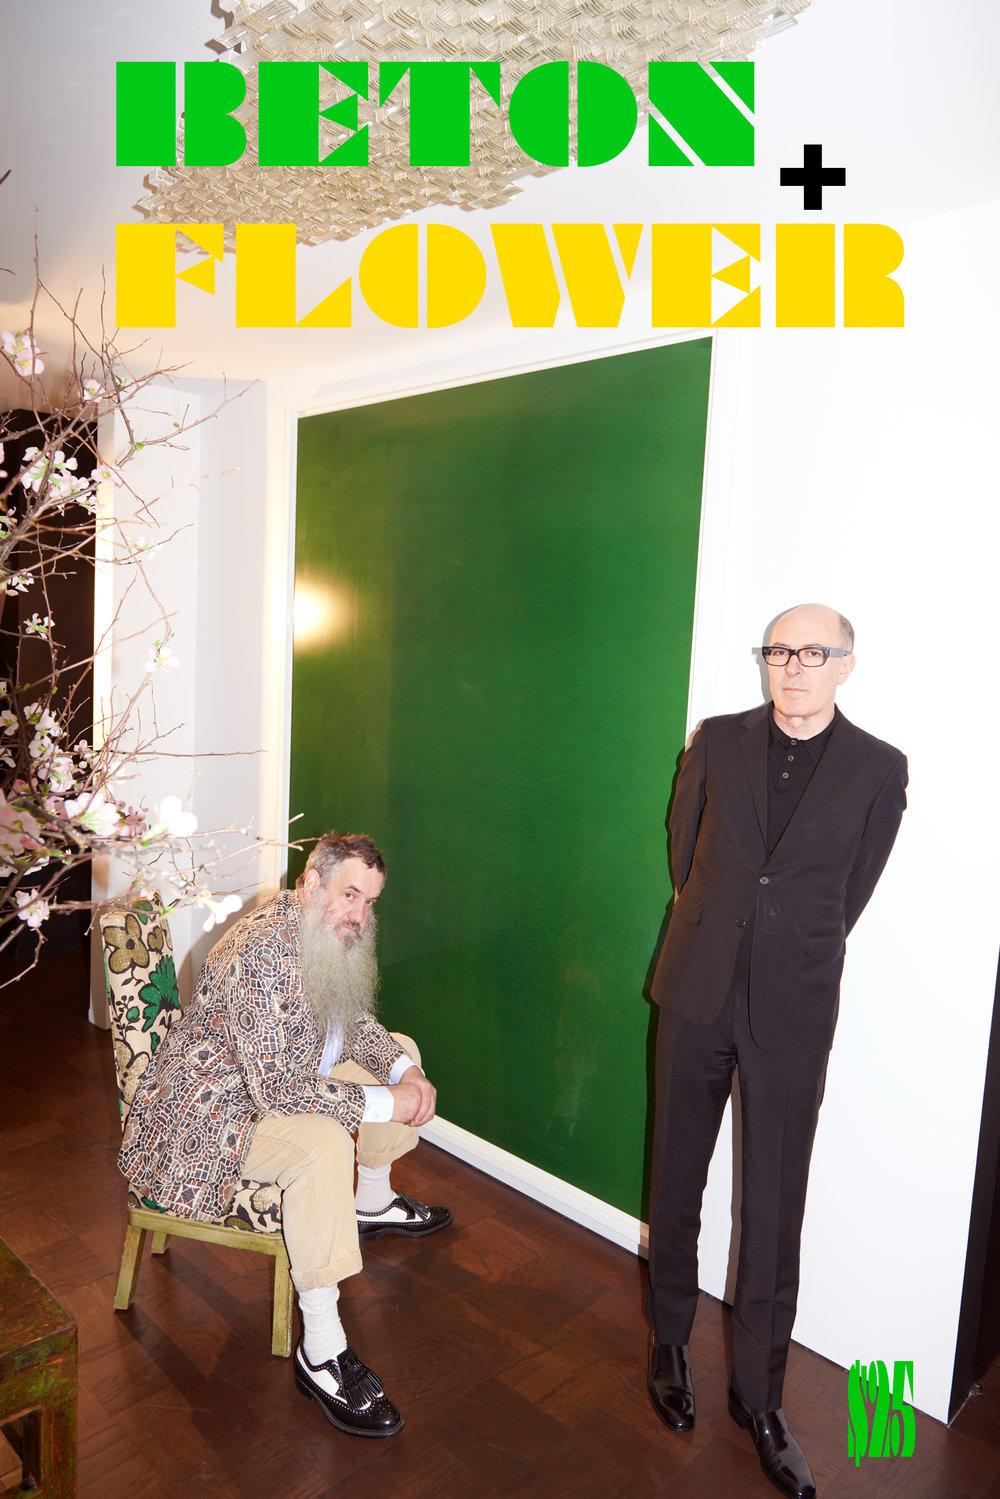 Beton+Flower